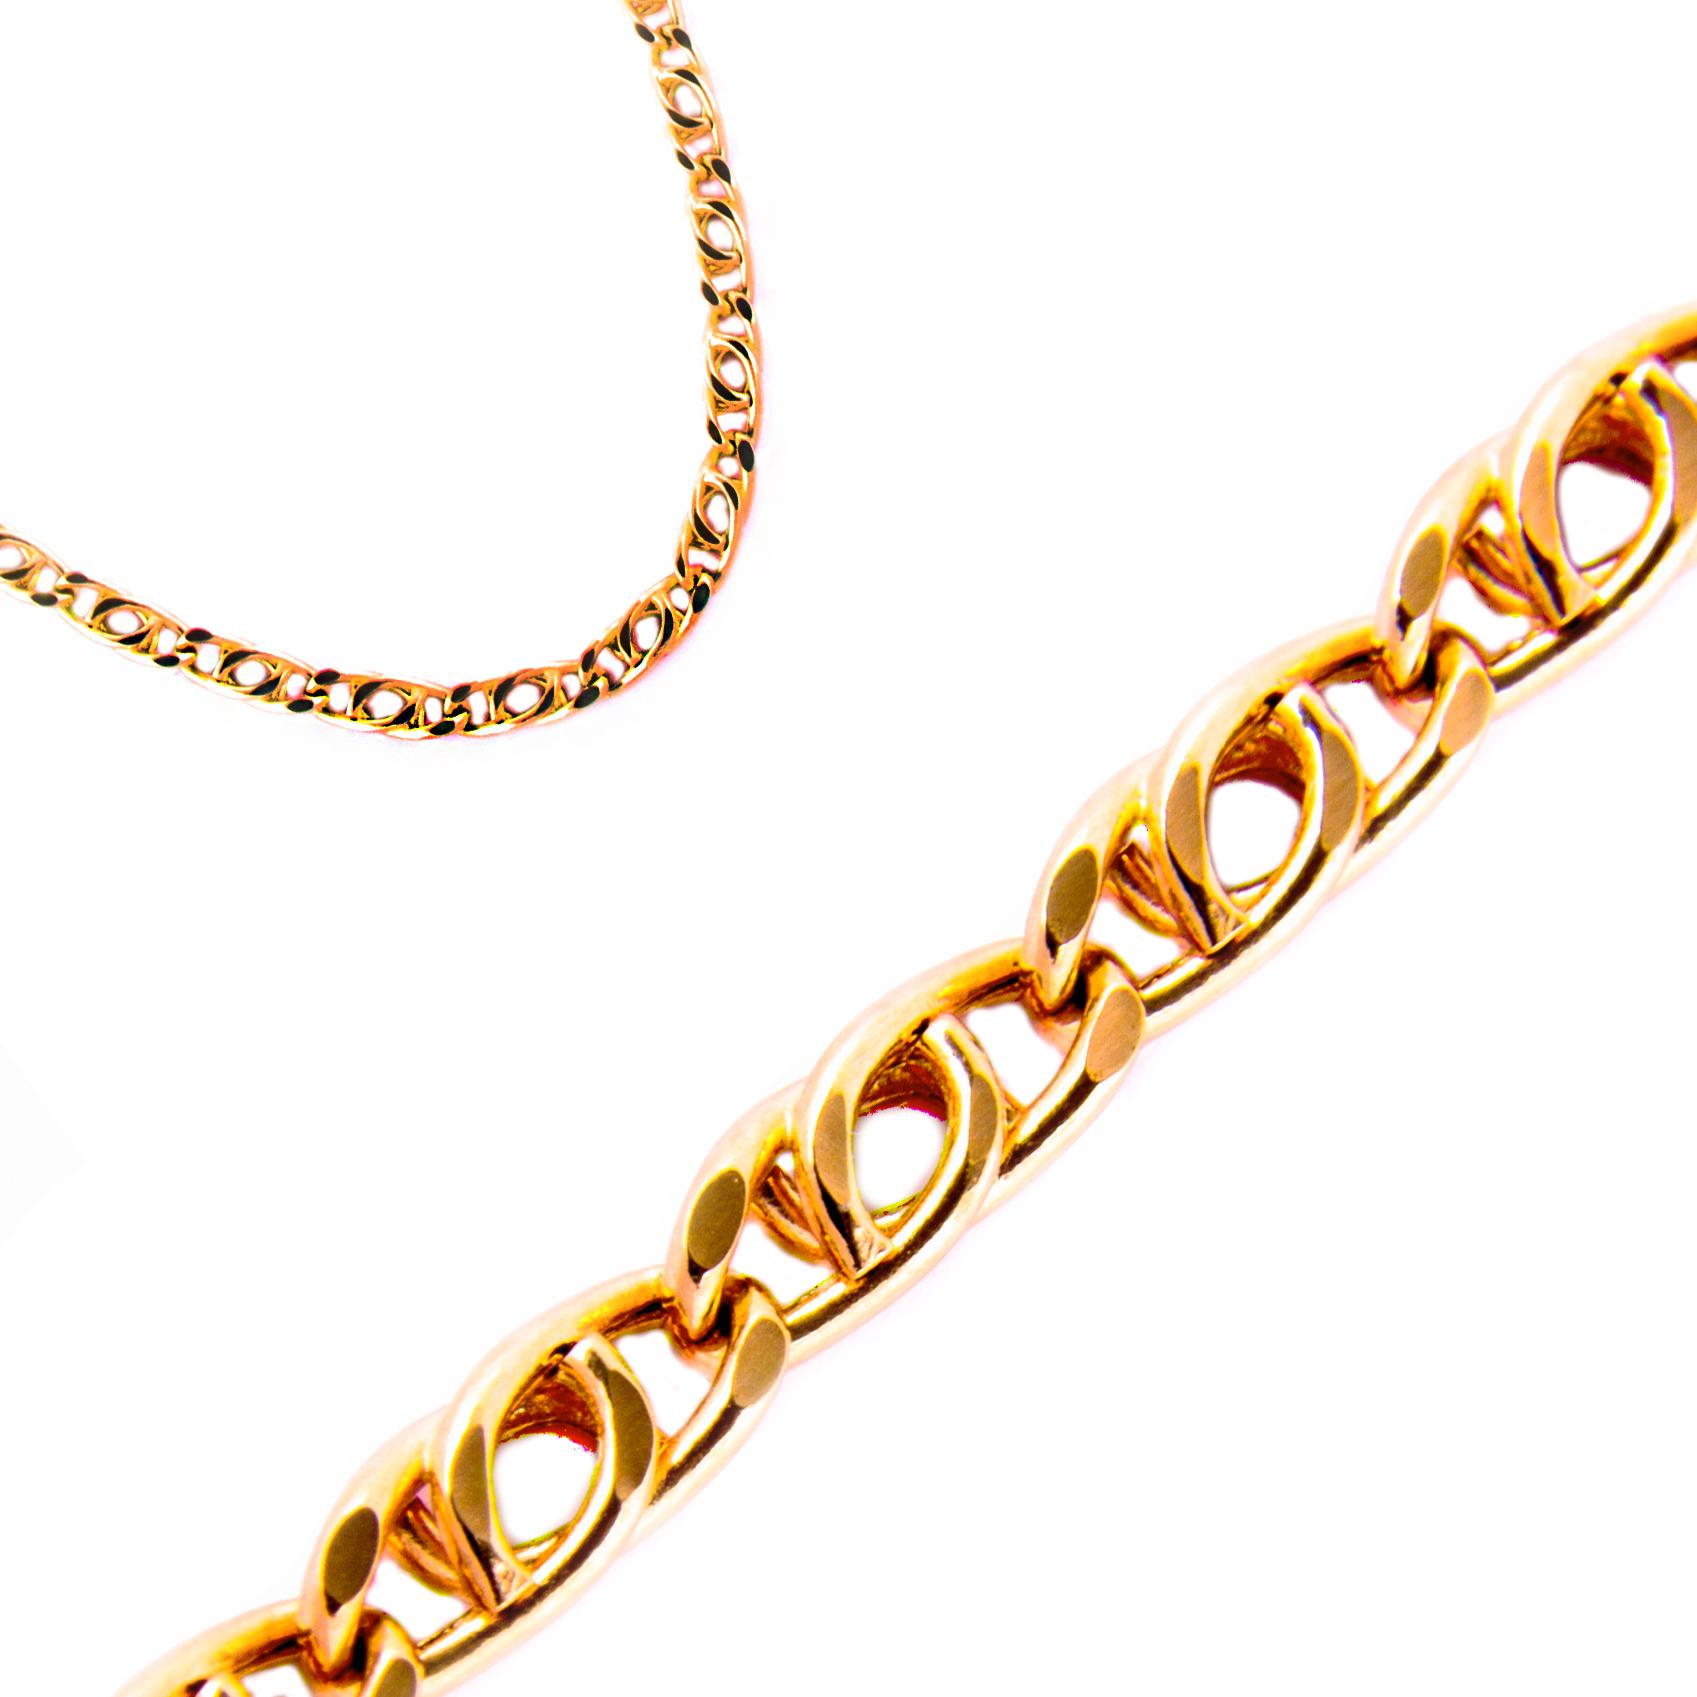 купить золотую цепочку в москве недорого